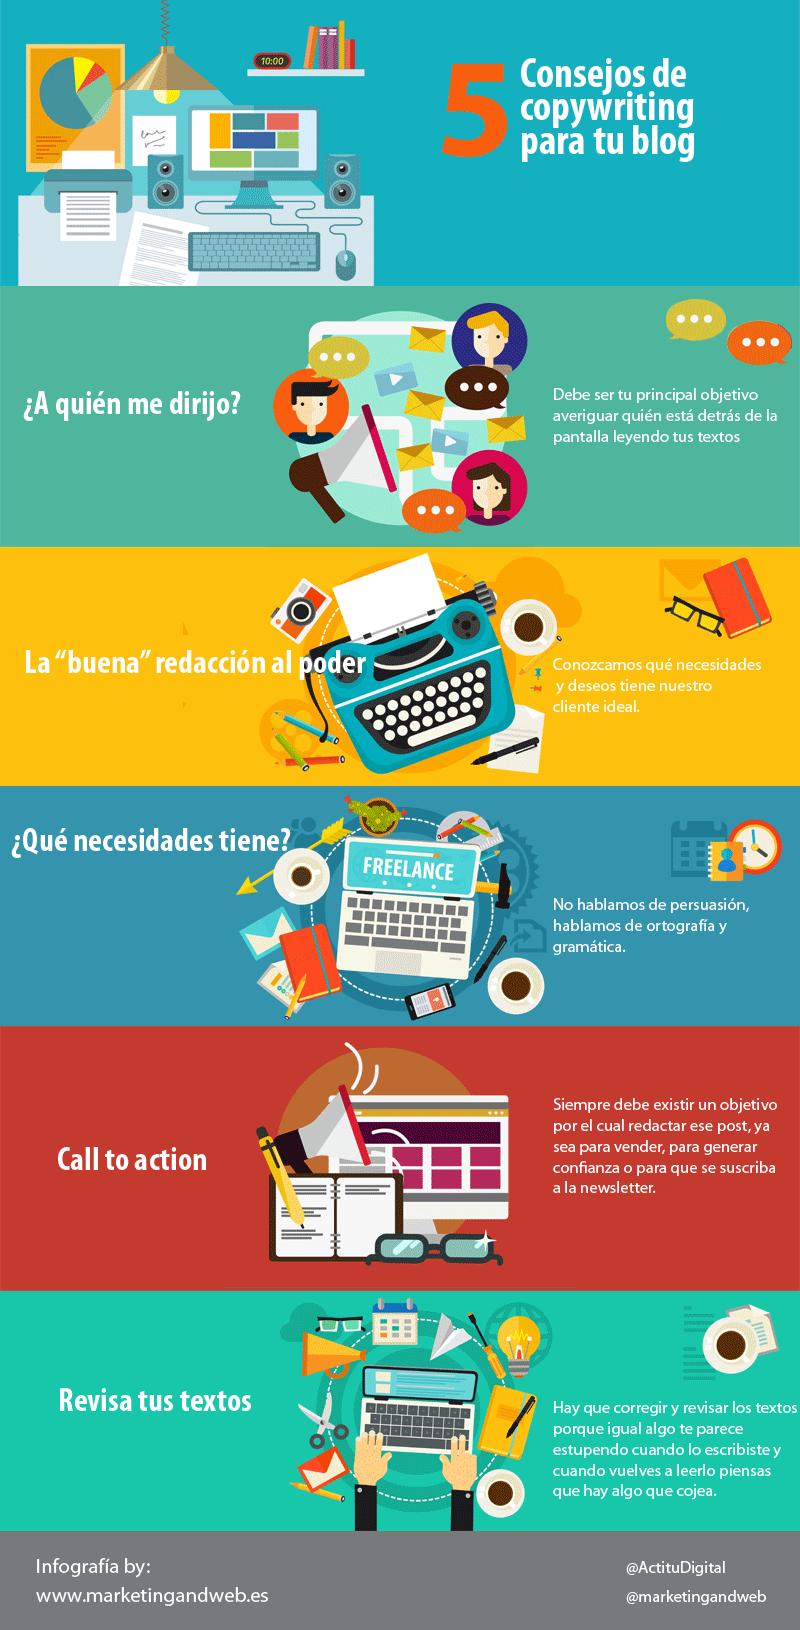 infografia consejos copywriting blog